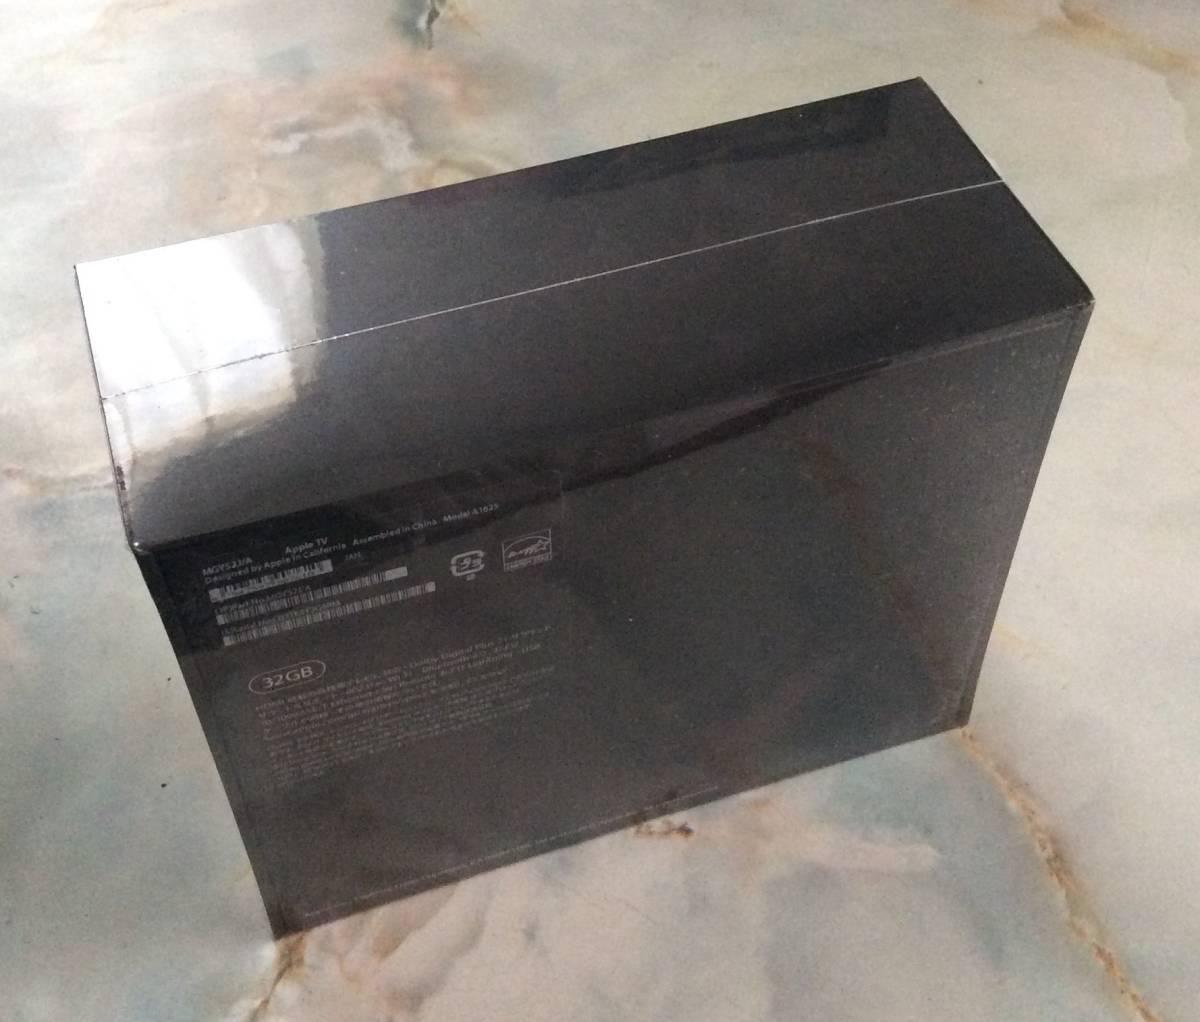 【新品未開封】 Apple TV 第4世代 32GB MGY52J/A A1625 ☆ AppleTV_画像2